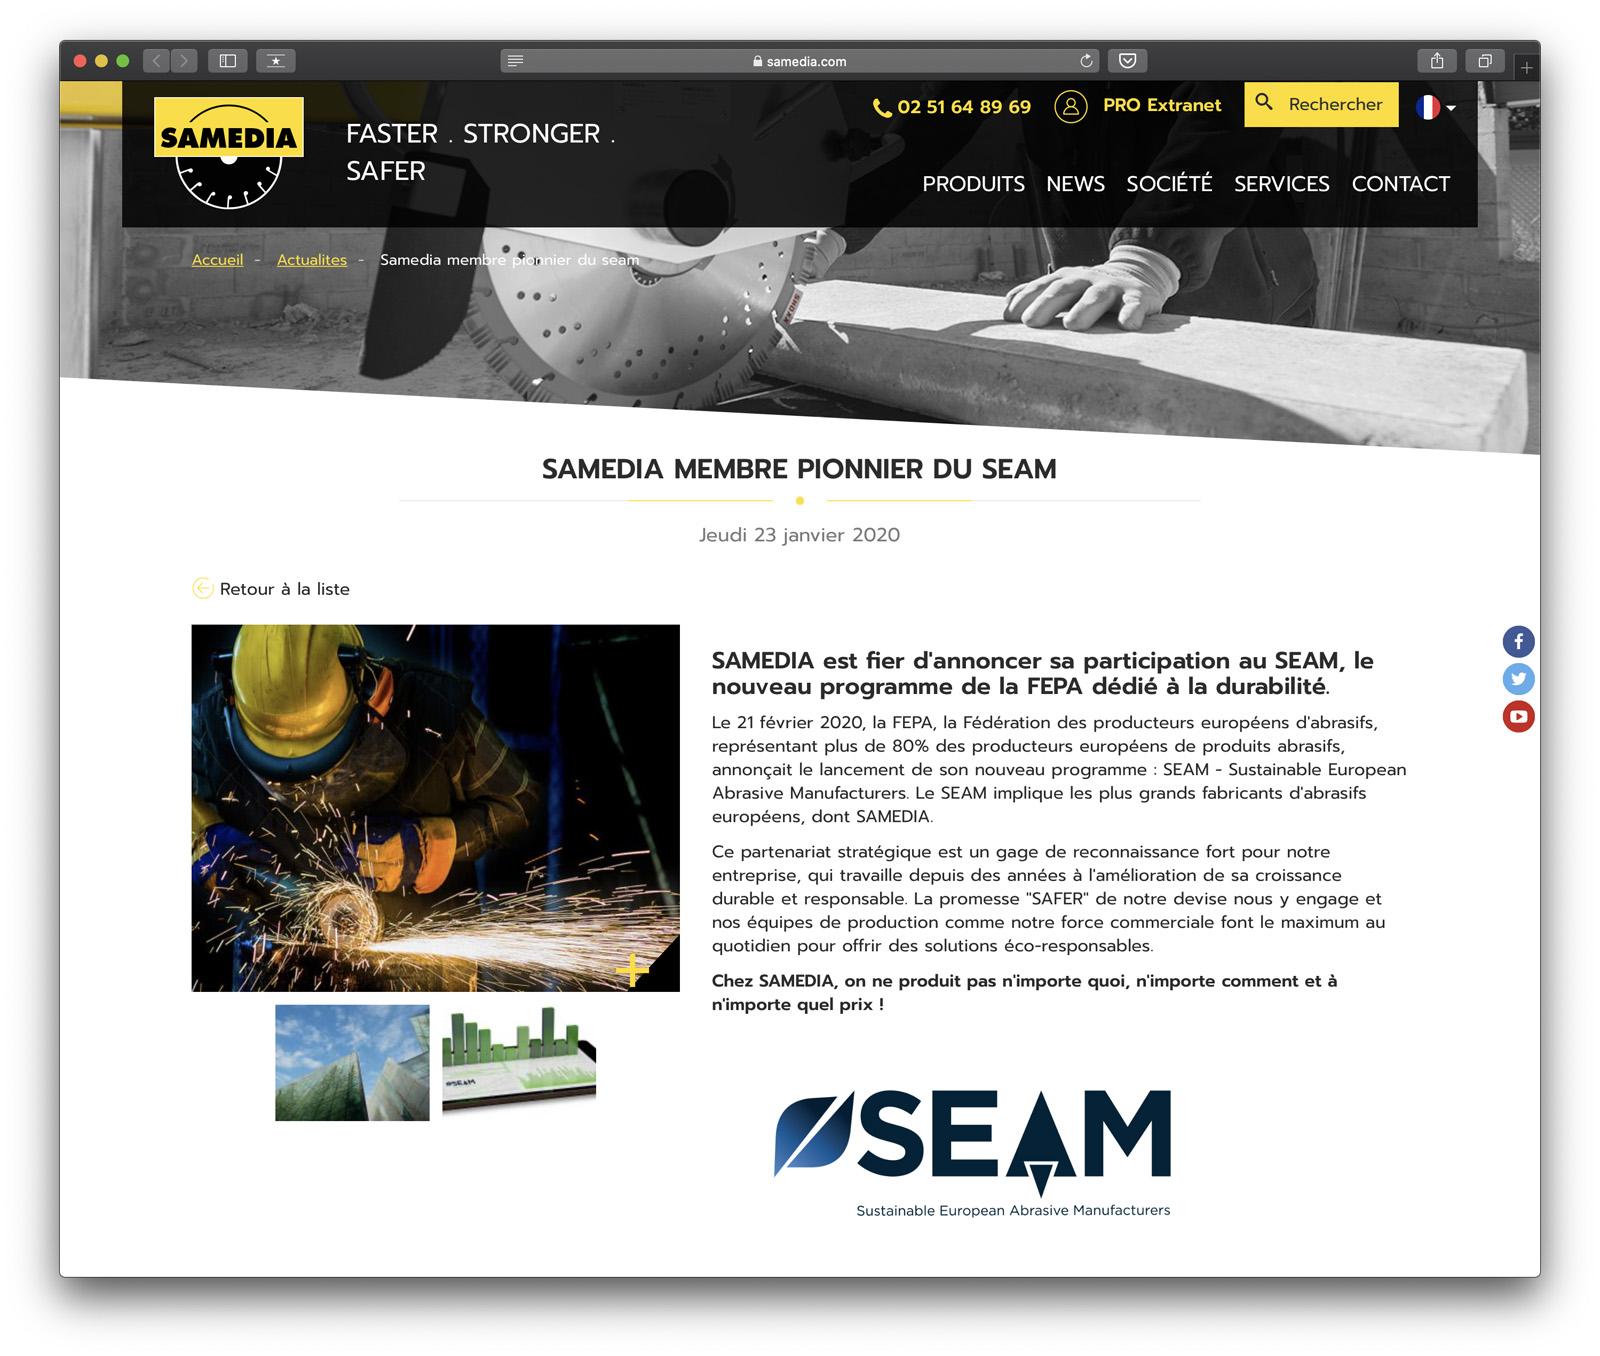 SAMEDIA est fier d'annoncer sa participation au SEAM, le nouveau programme de la FEPA dédié à la durabilité.